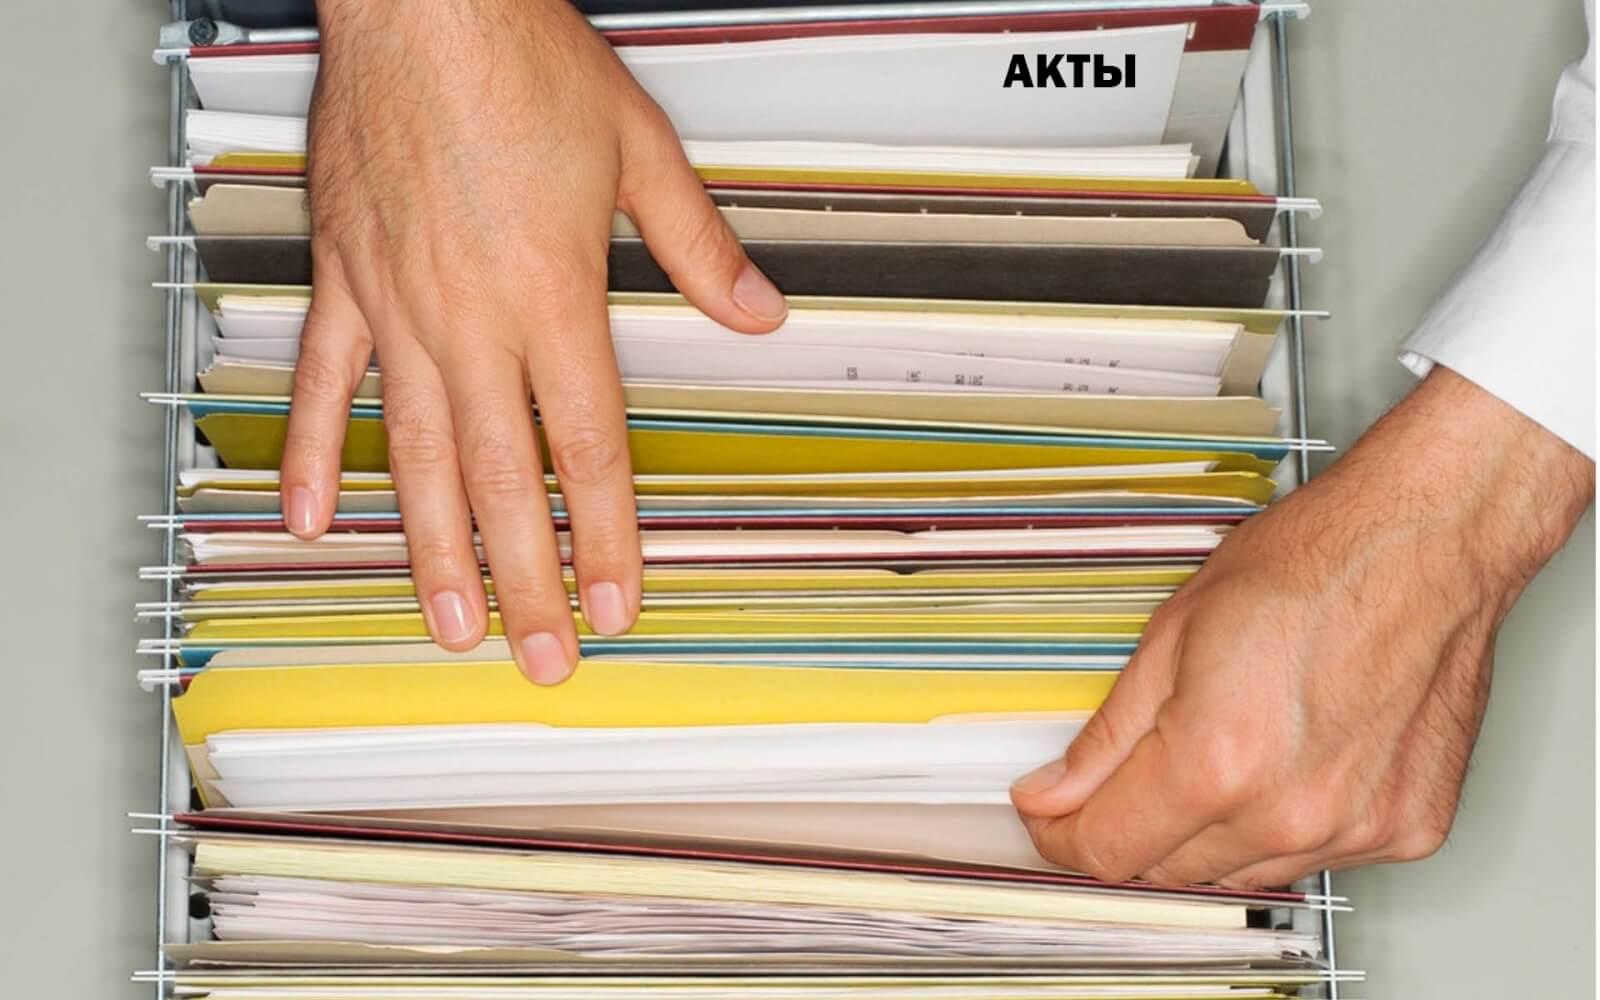 Прием и передача материальных ценностей по акту при увольнении и отпуске